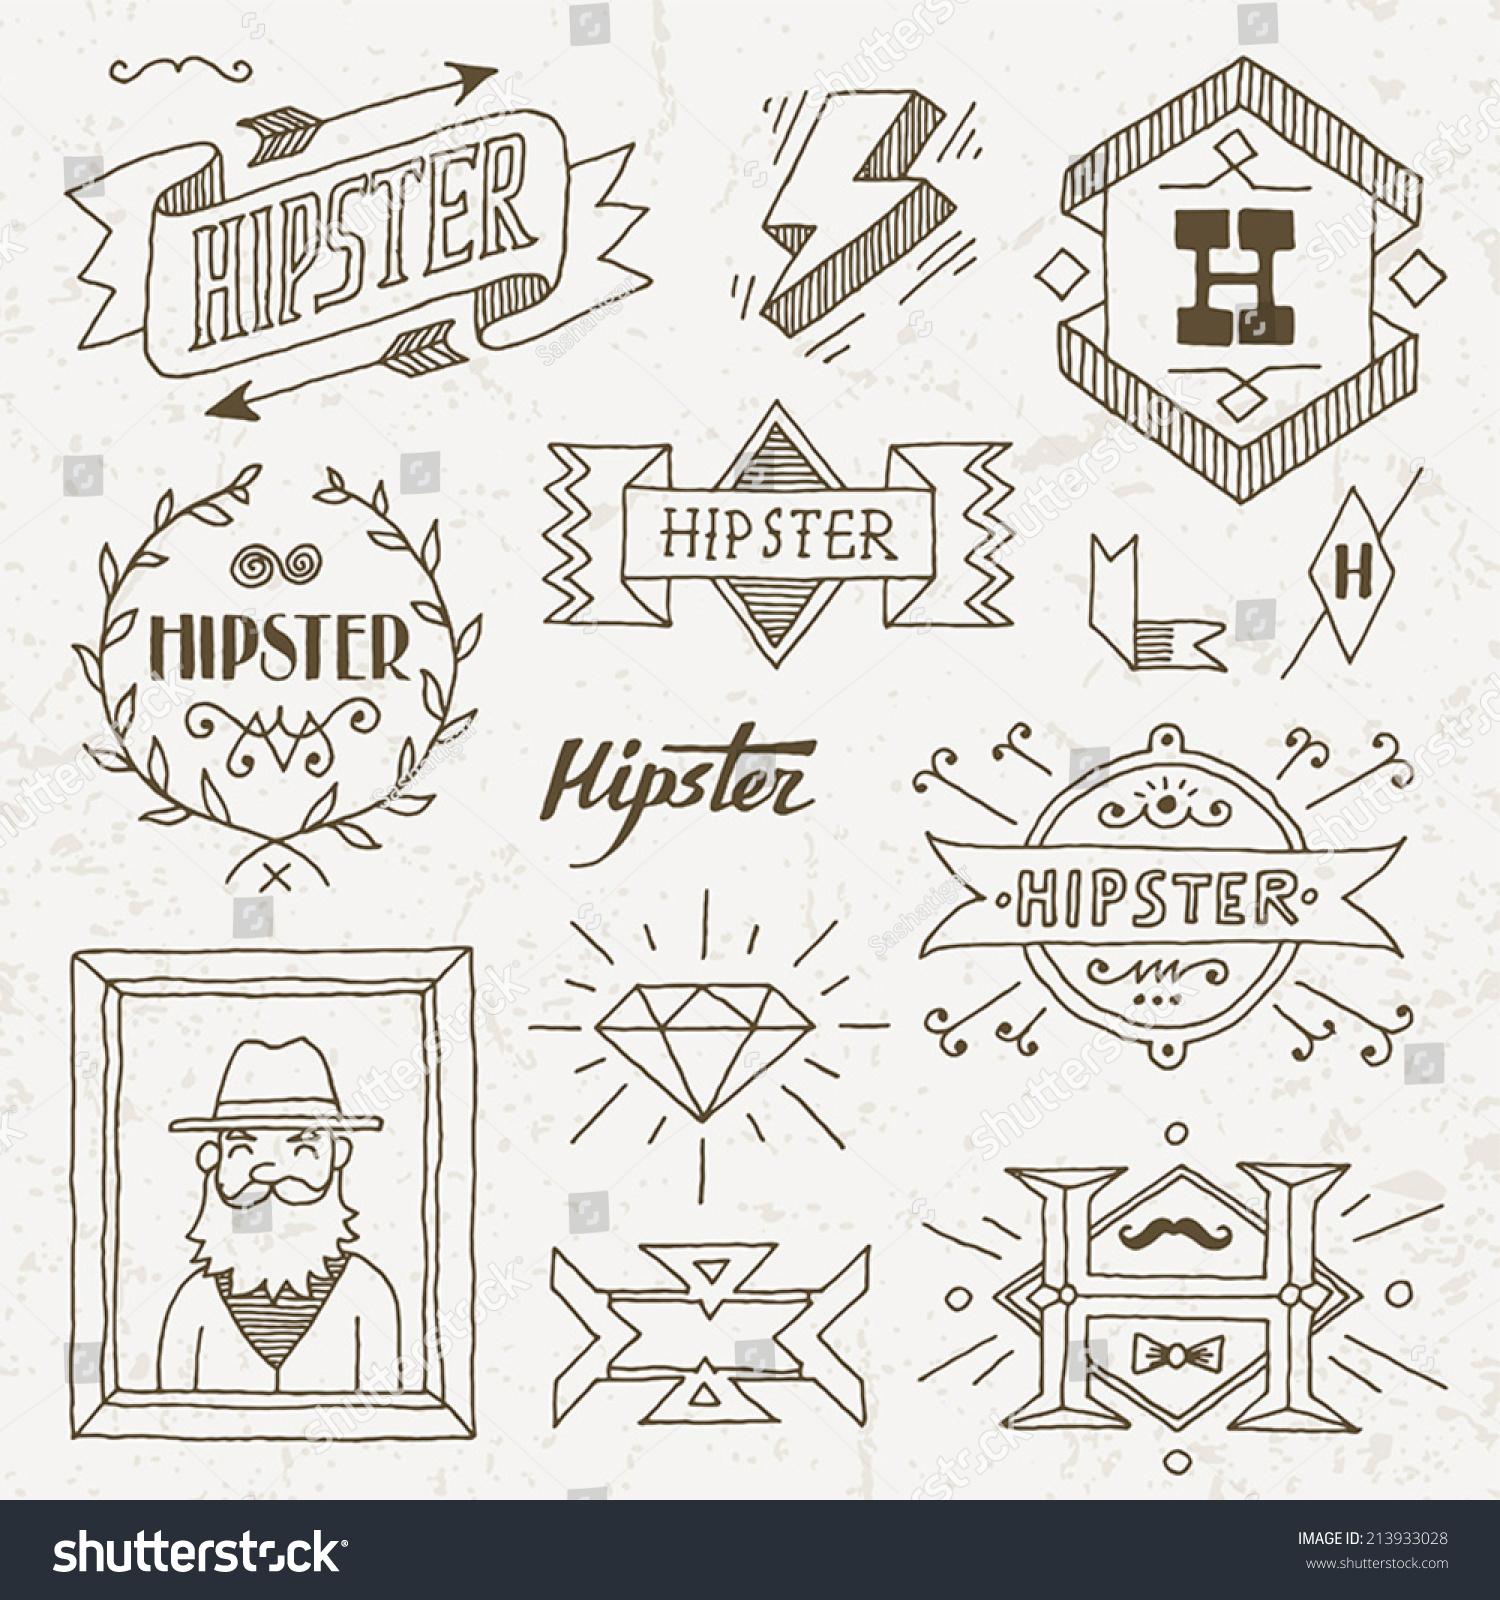 Vintage Hipster Hand Drawn Design Elements Set 8. Vector ...